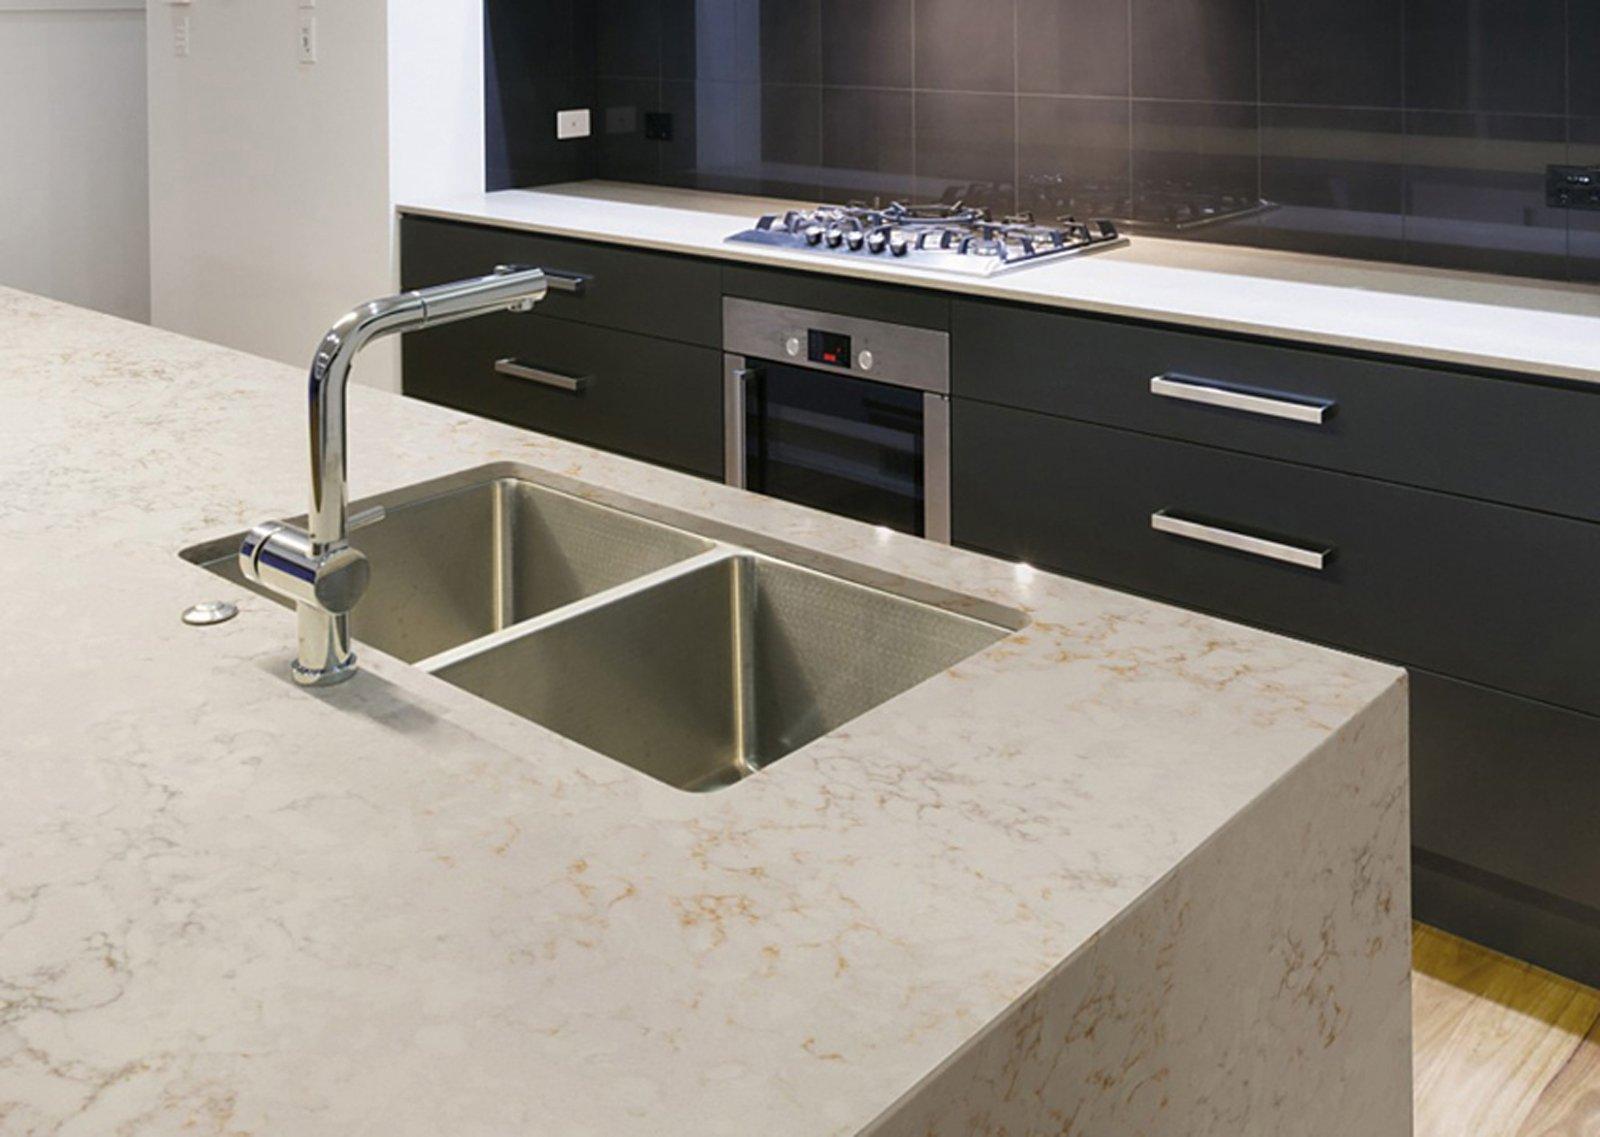 cucine: nuove finiture per silestone - cose di casa - Piani Di Lavoro Cucina Prezzi